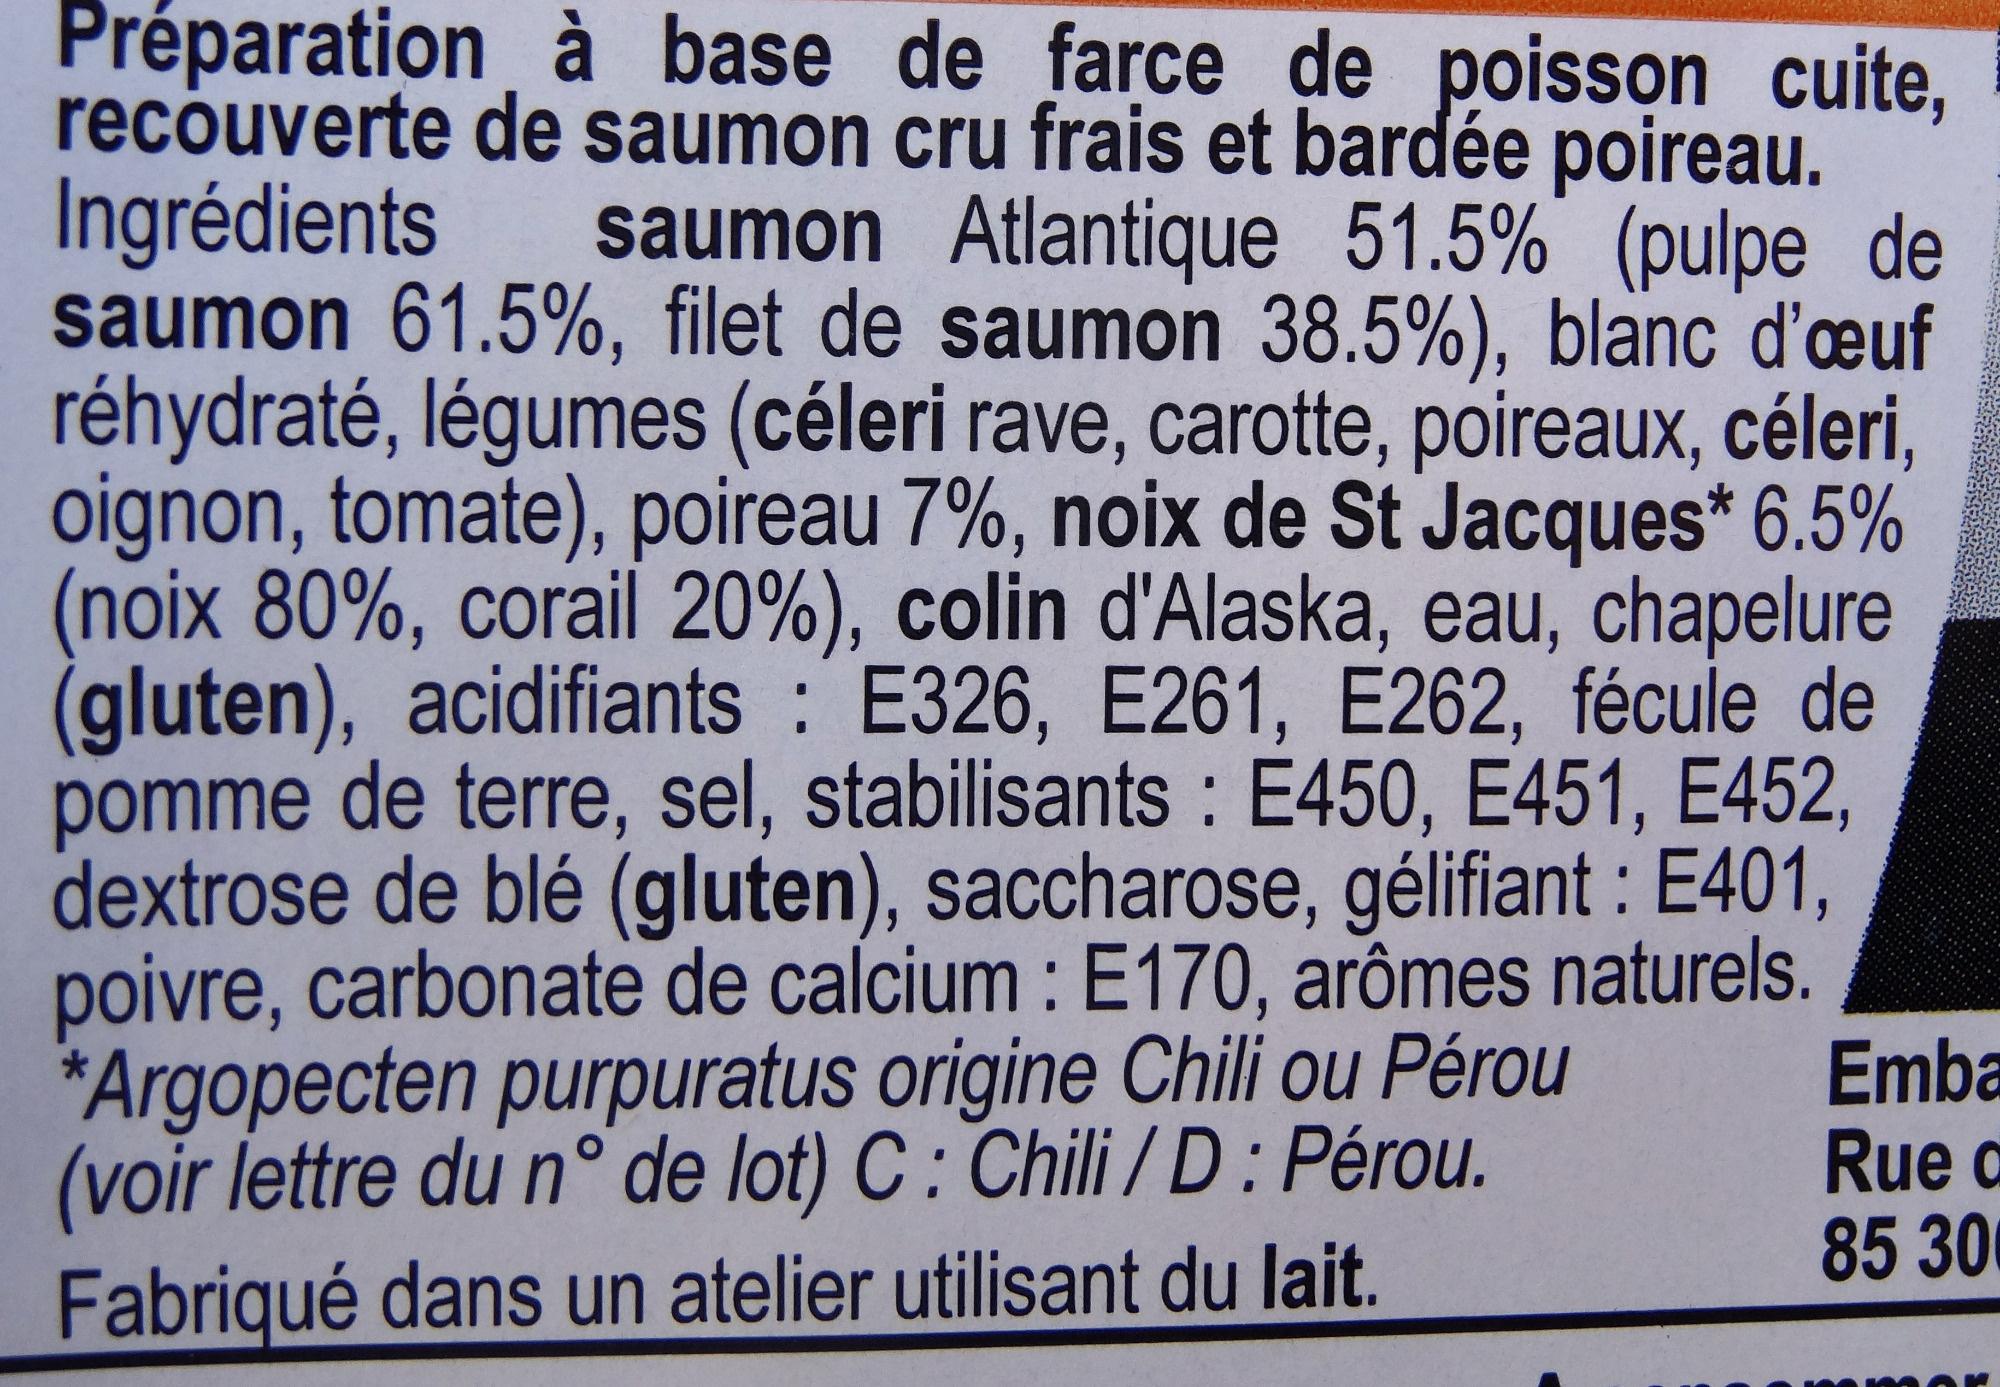 Paupiettes saumon-st jacques-poireau - Ingrédients - fr